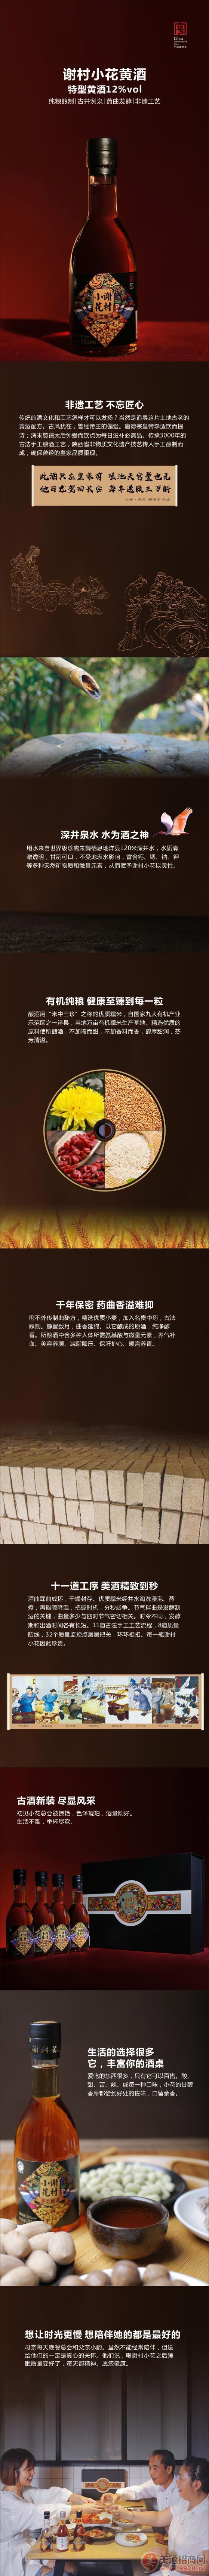 谢村小花黄酒政策